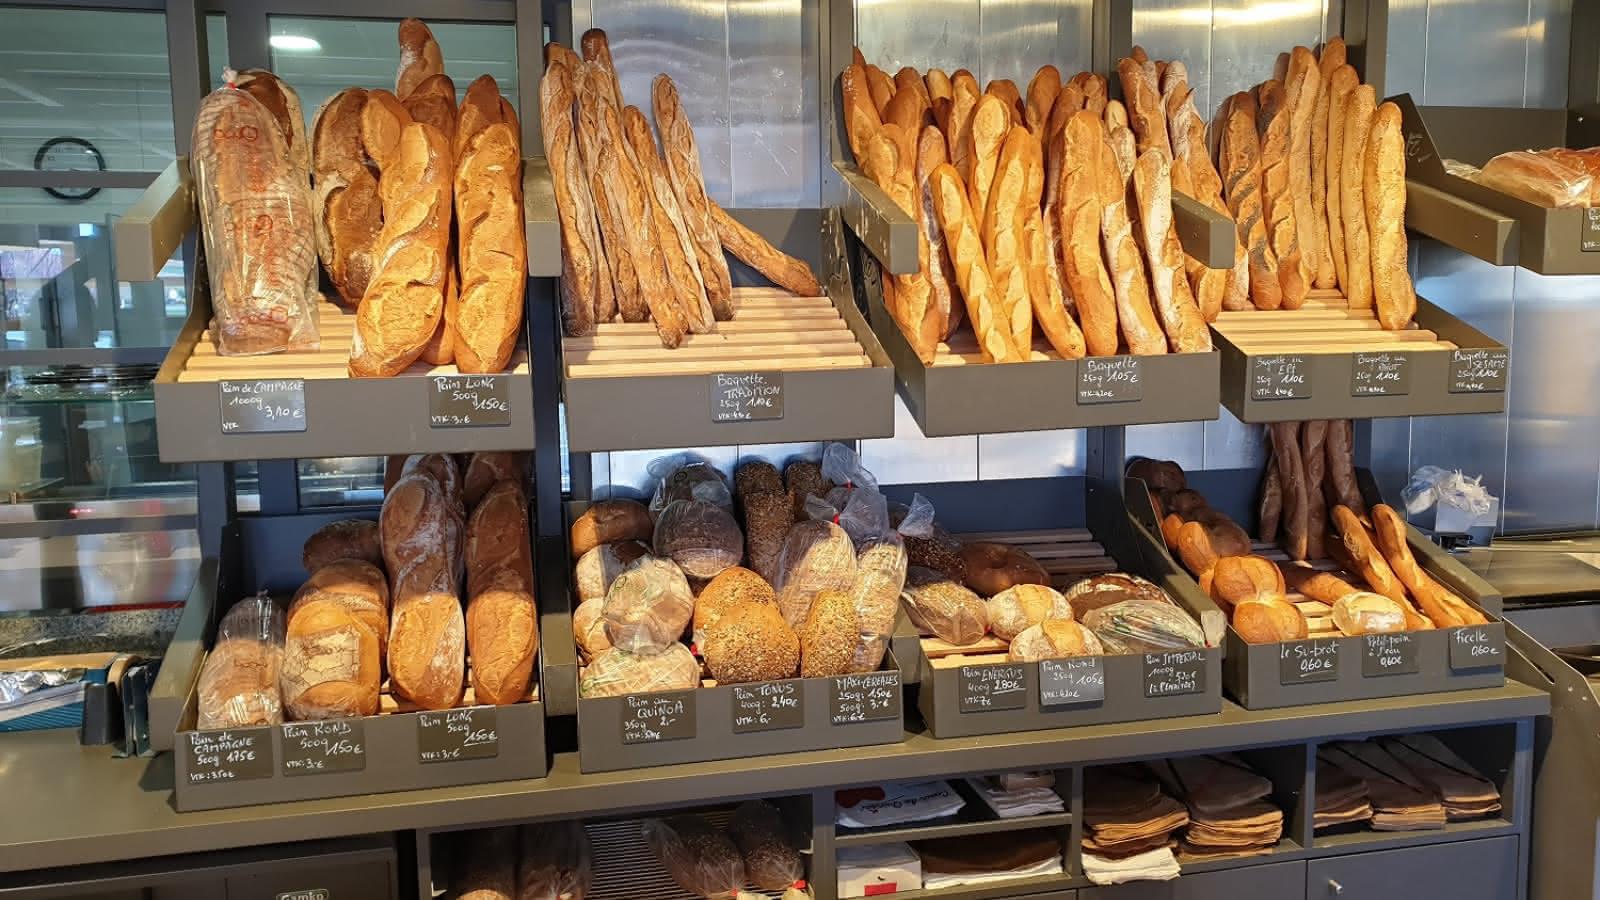 Duonos kepinius vis dažniau perkame specializuotose parduotuvėse